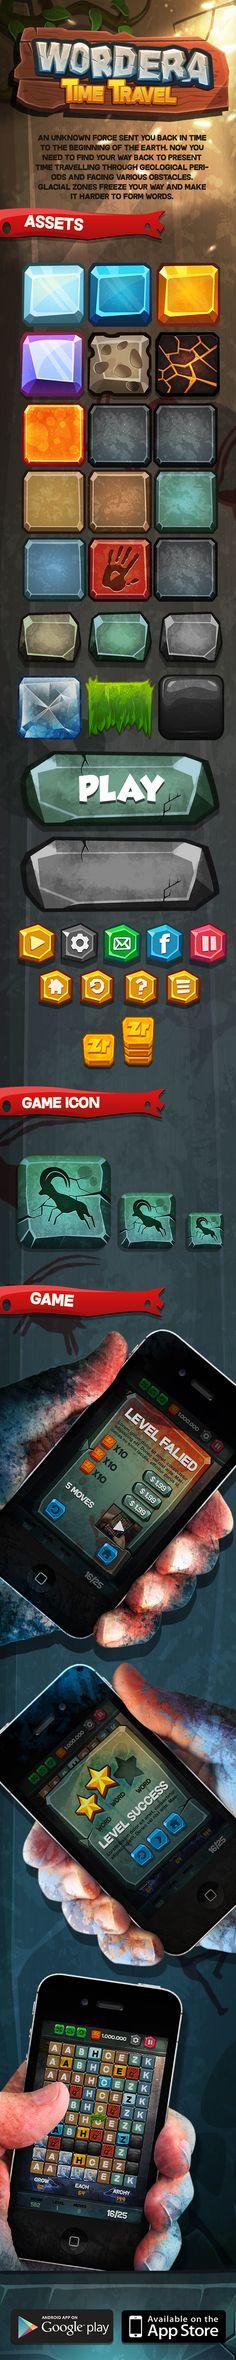 0038号患者采集到GAME UI_游戏LOGO(166图)_花瓣